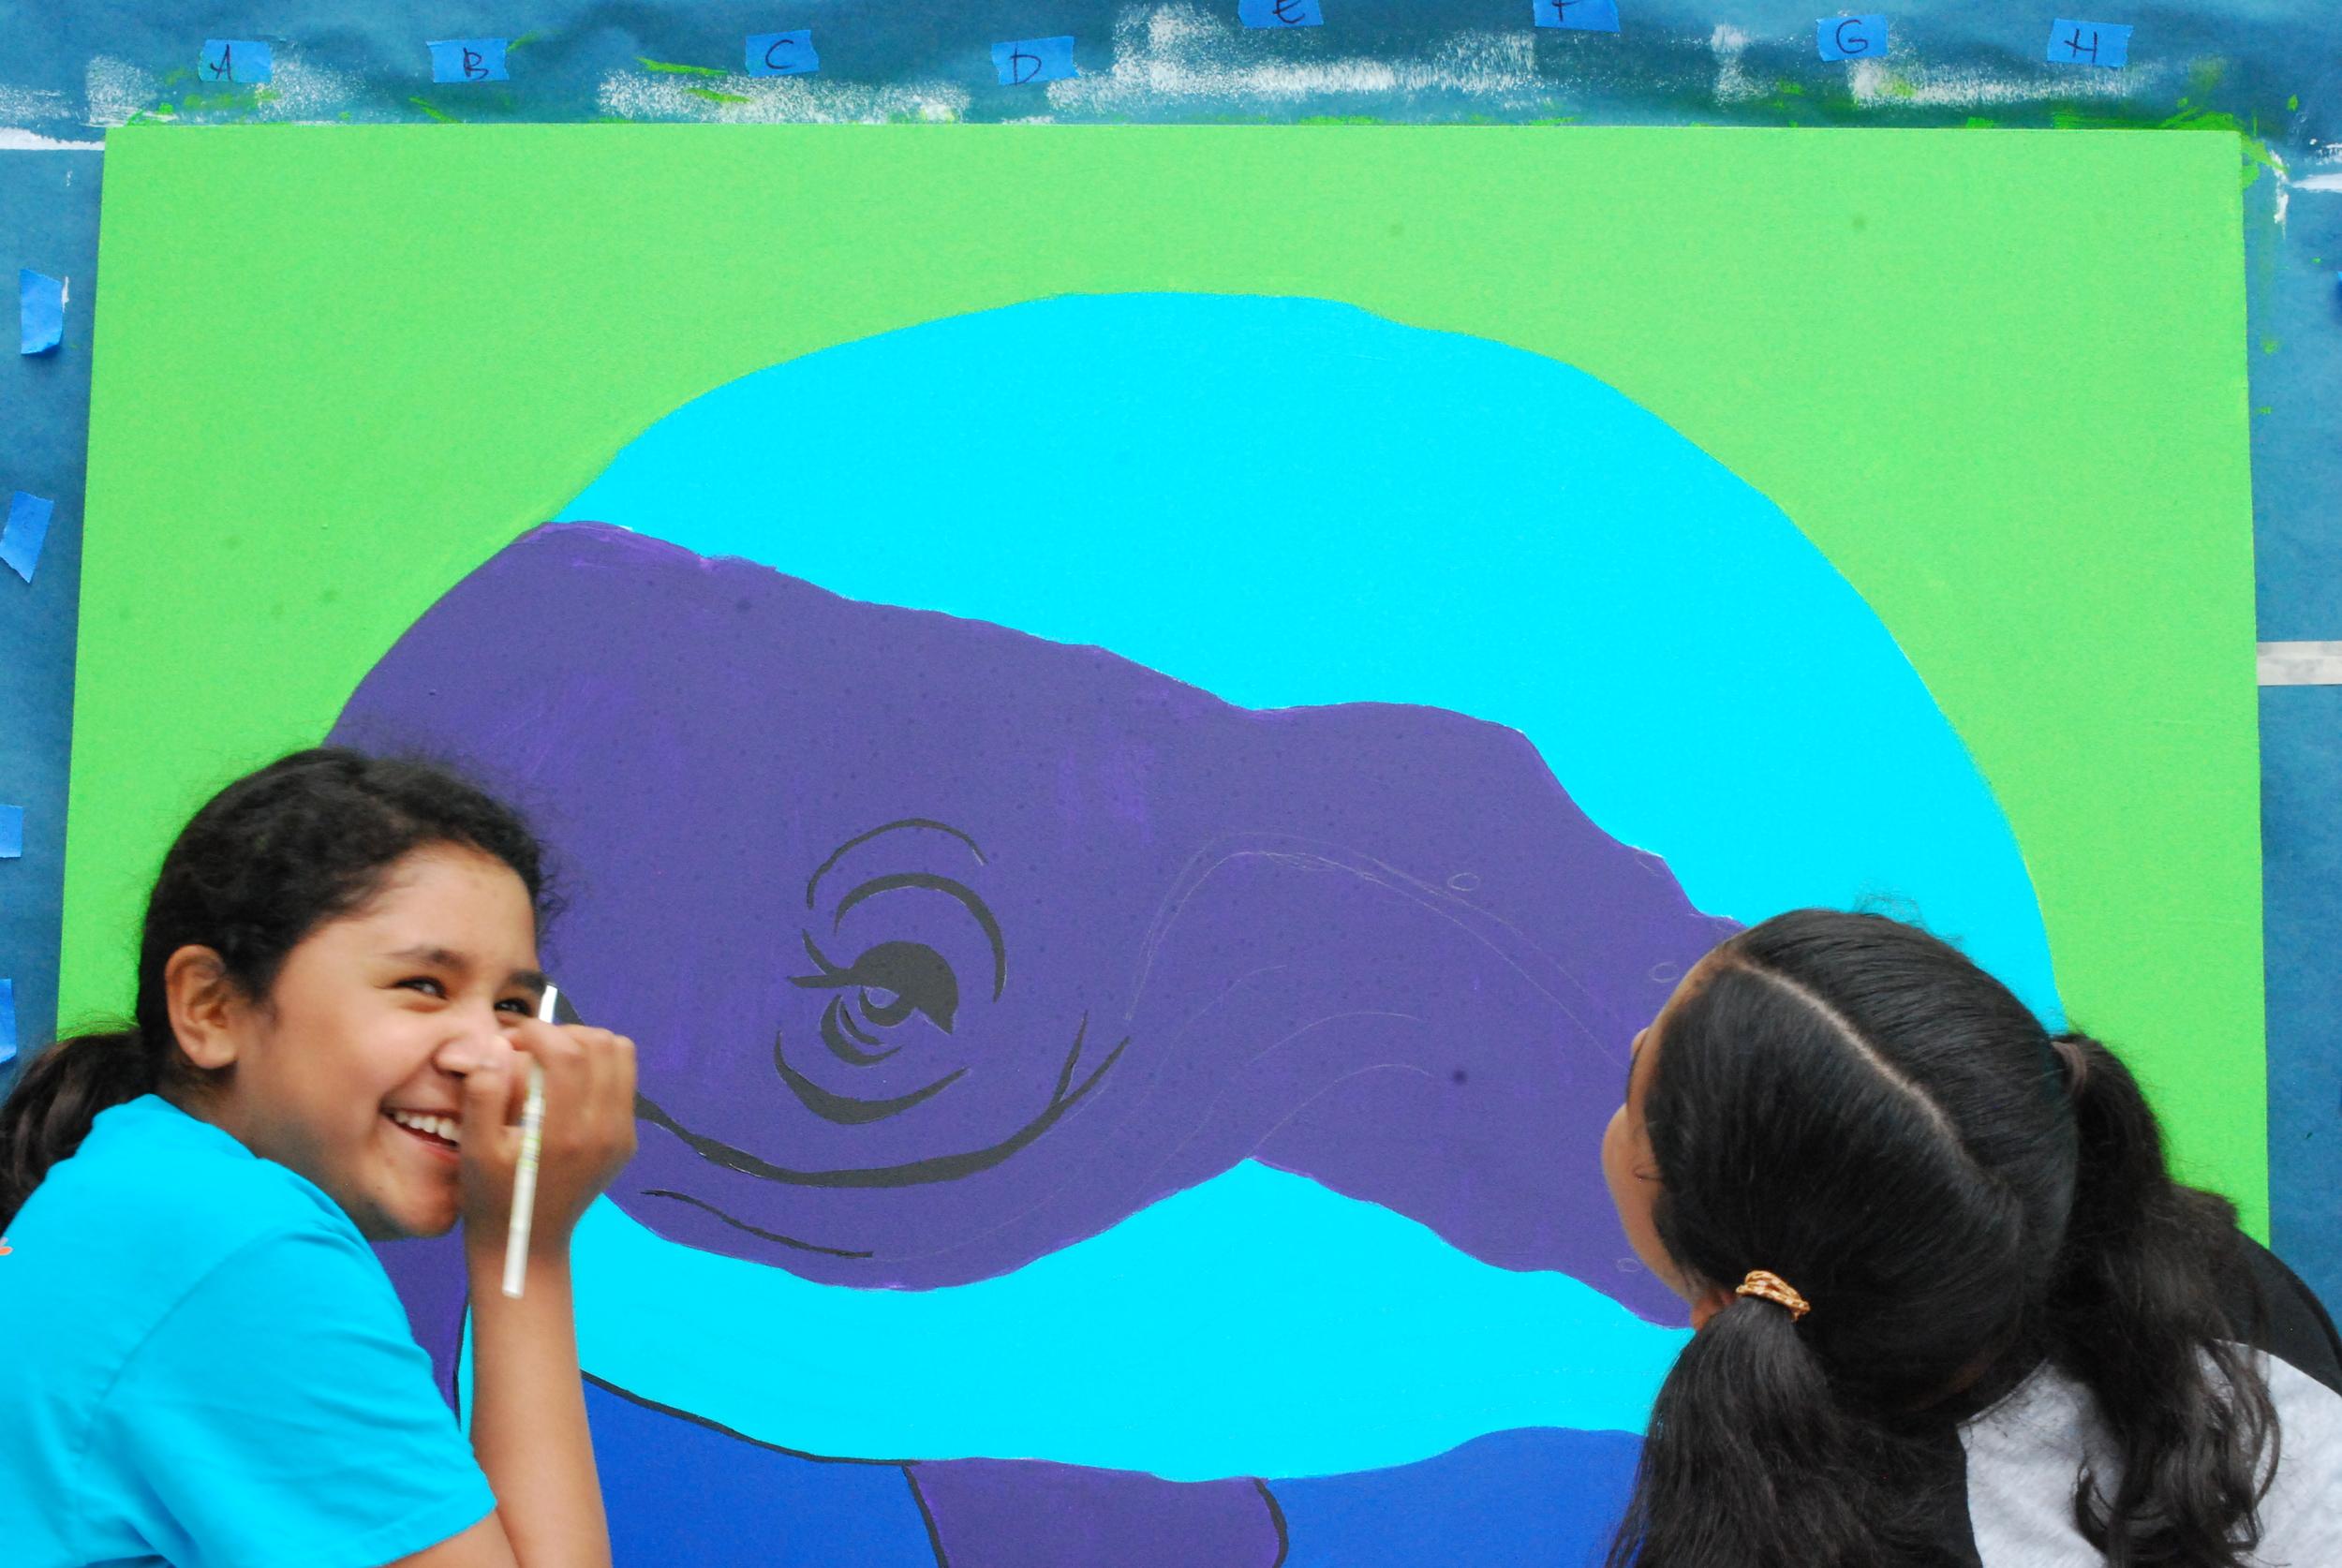 Mural Painting Camp with Amanda Bensel